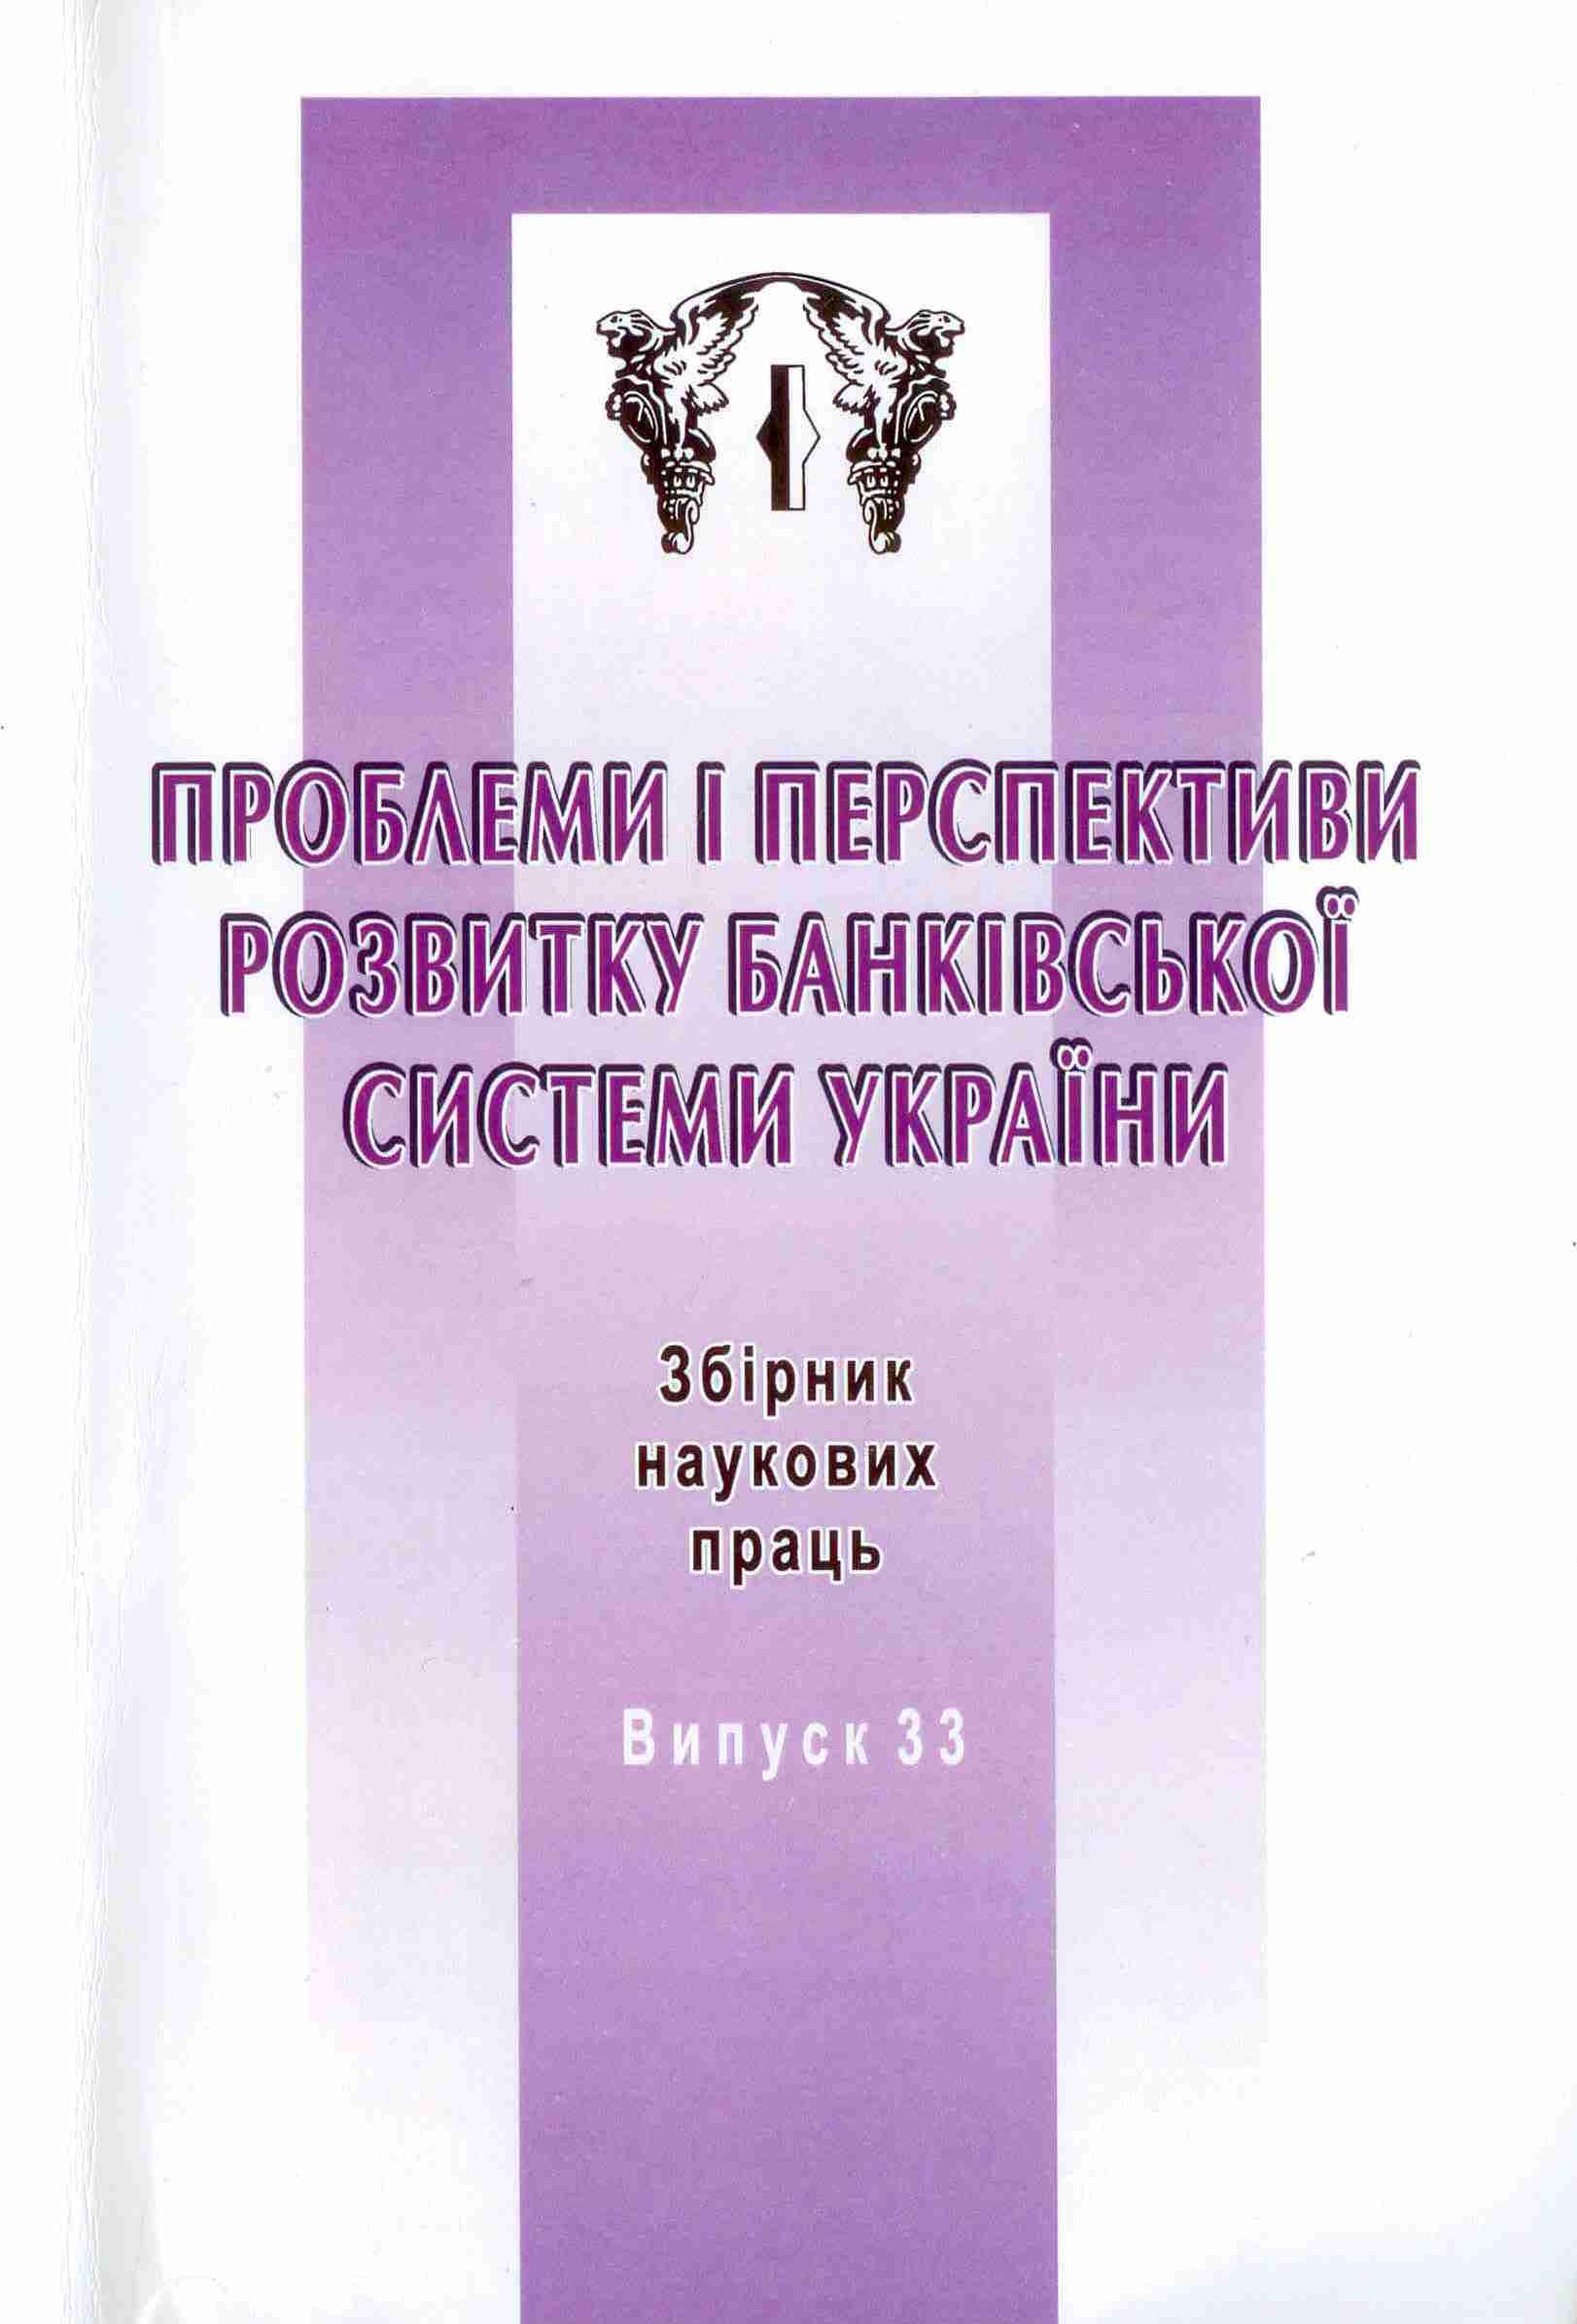 Бизнес-модели российских банков: типология, структура, приверженность выбору